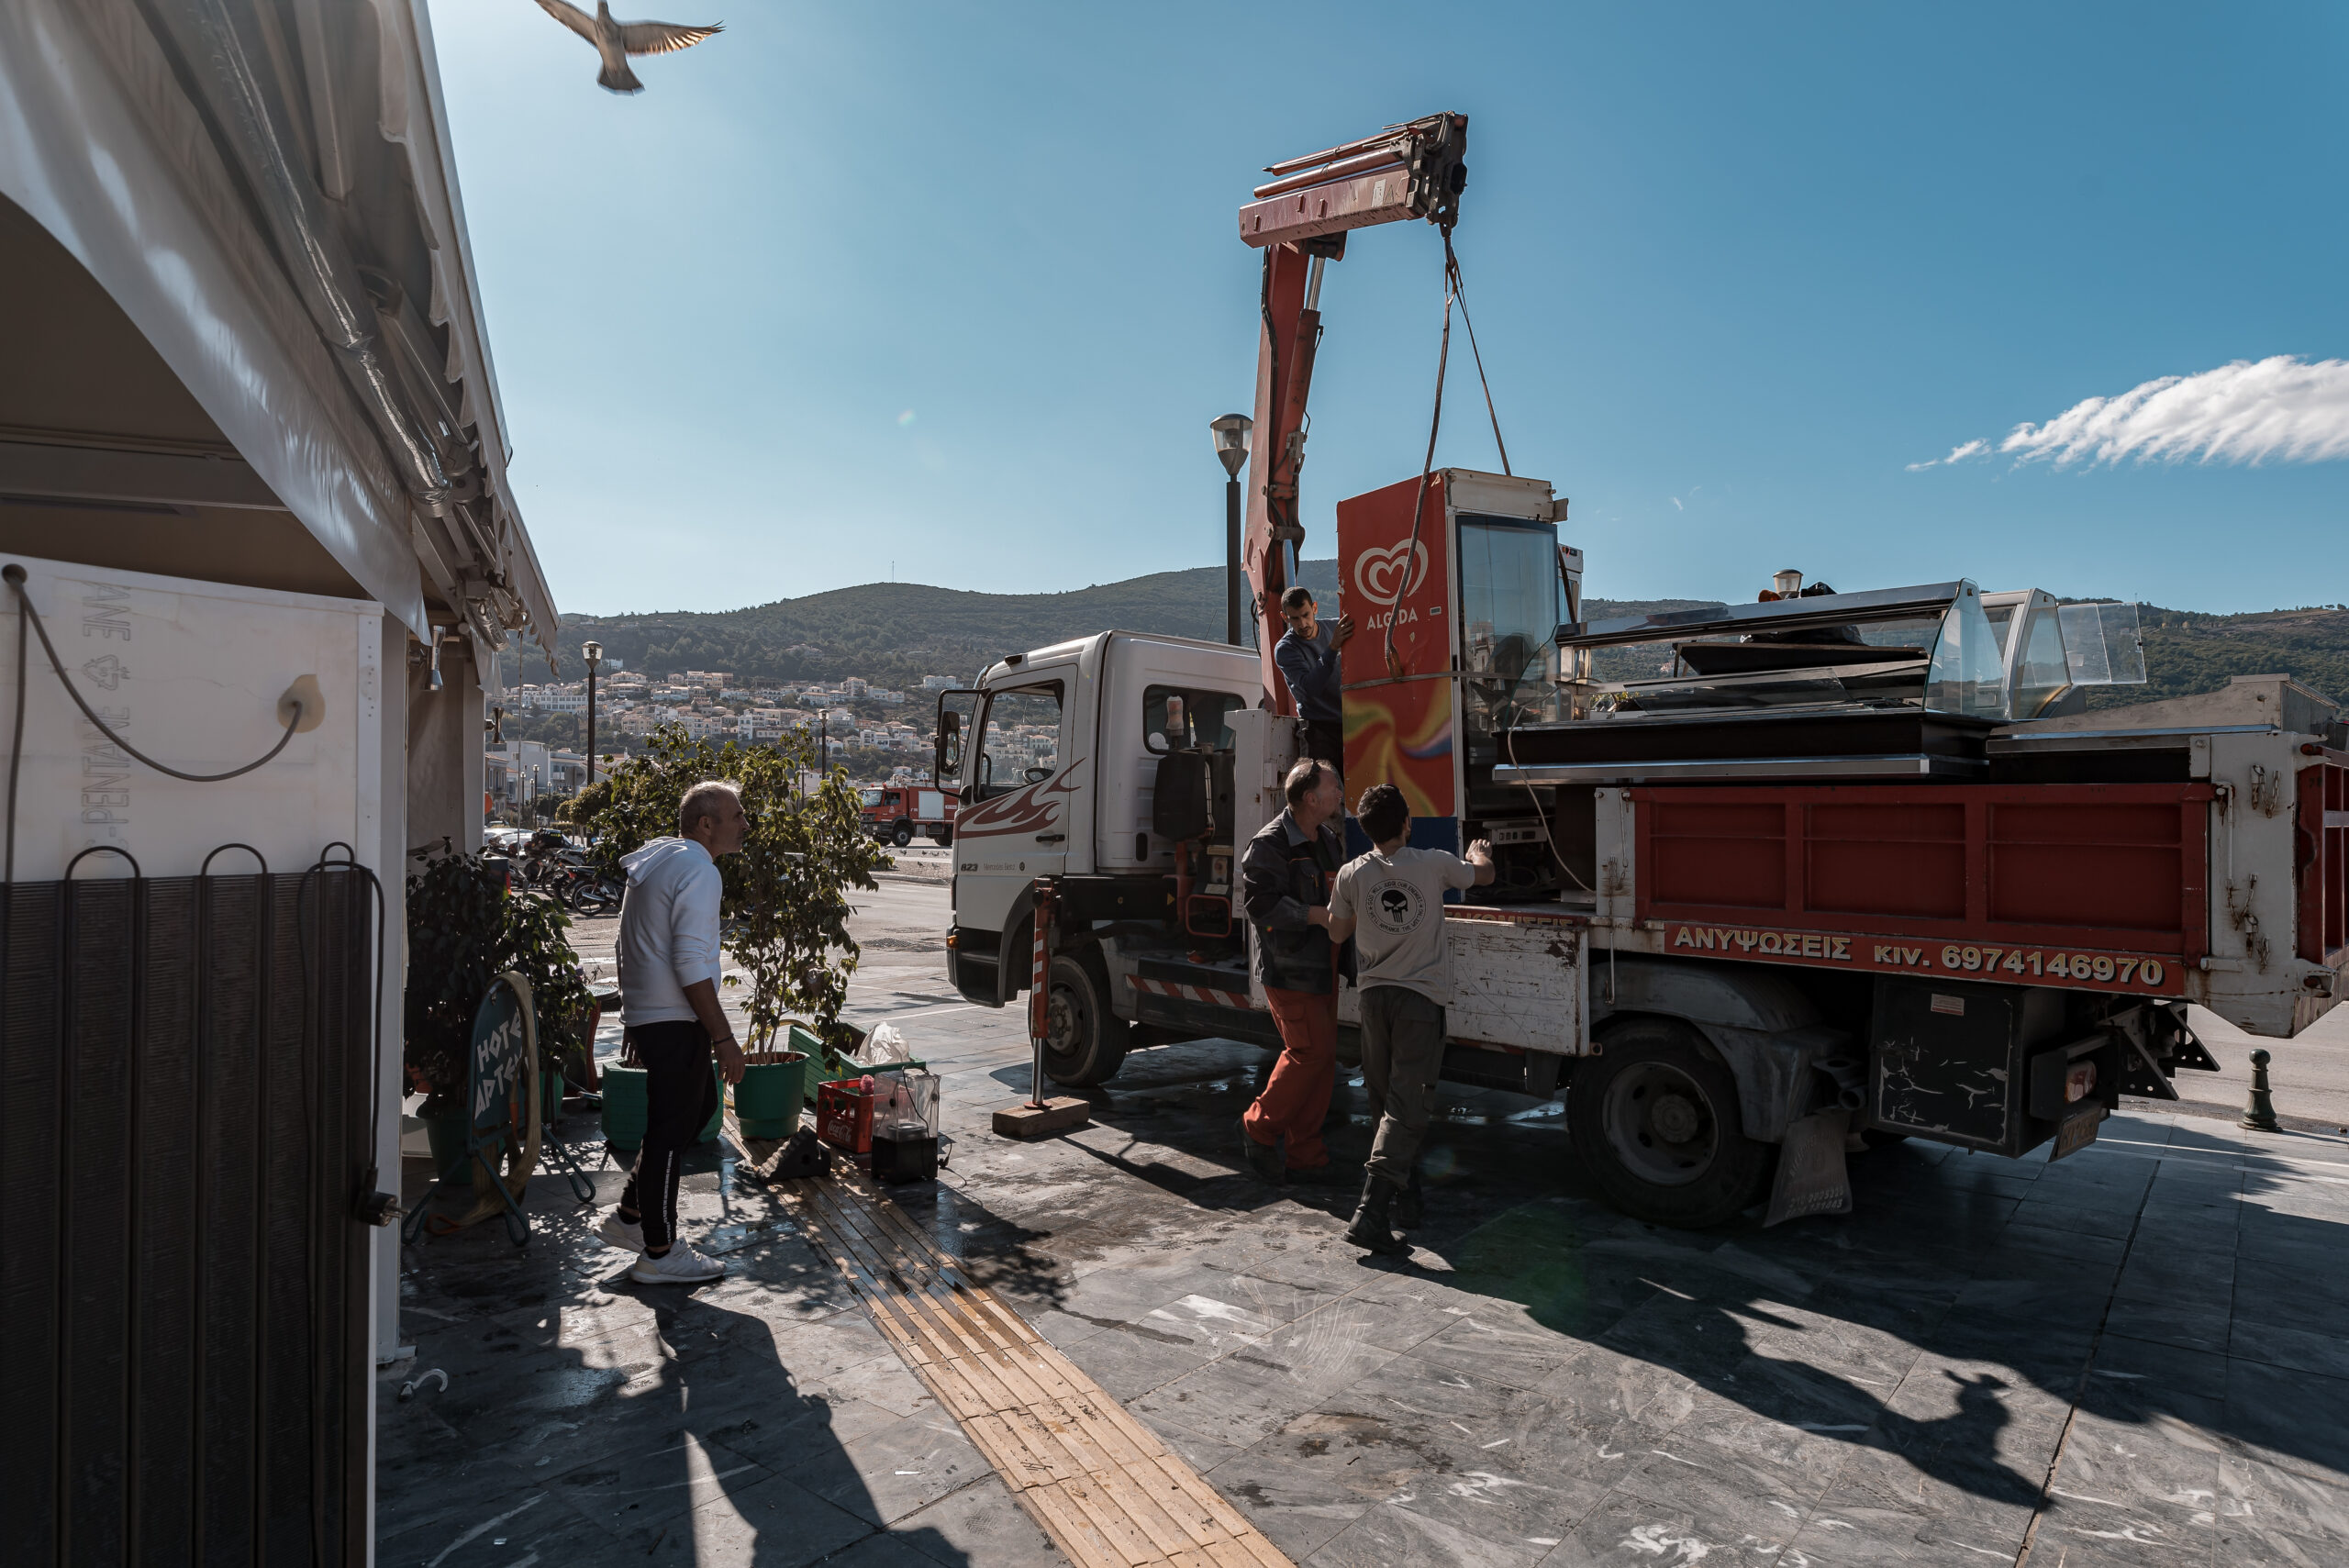 Τρίτη ημέρα του καταστροφικού σεισμού των 6,7 ρίχτερ στην Σάμο. Εικόνες καταστροφής από το Βαθύ, Κυριακή 1 Νοεμβρίου 2020.(EUROKINISSI/ΜΑΝΩΛΗΣ ΘΡΑΒΑΛΟΣ)